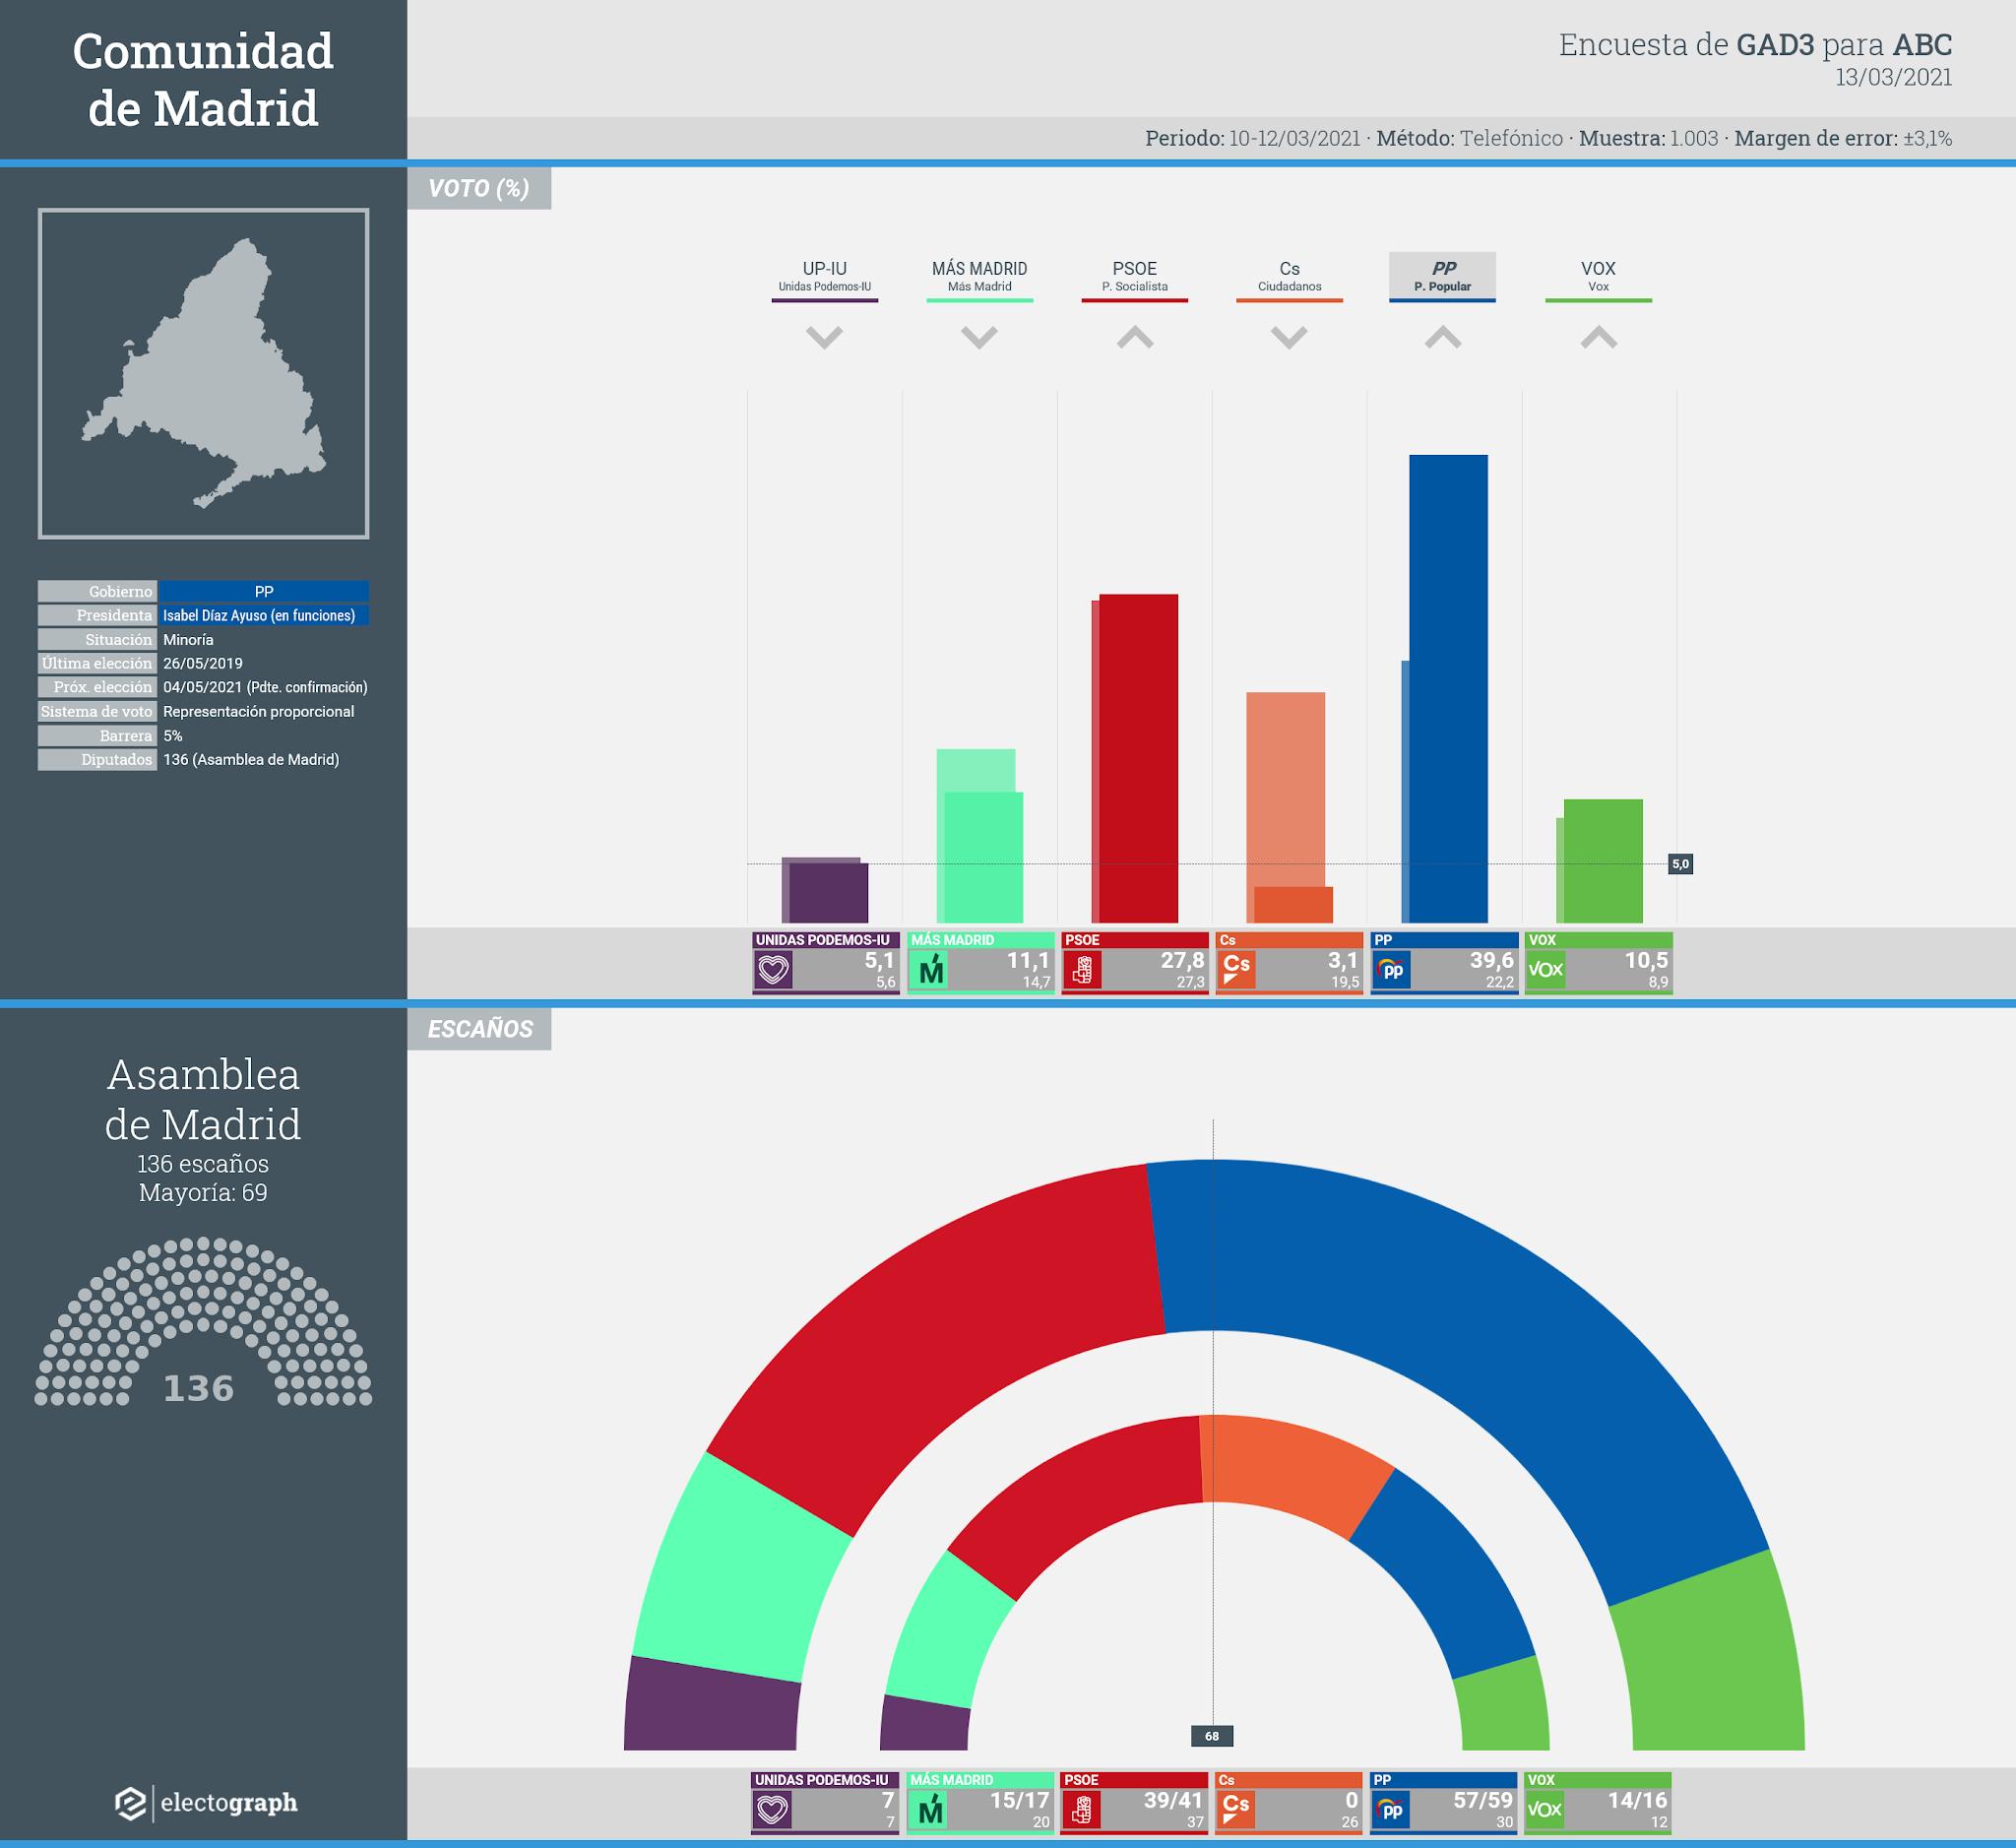 Gráfico de la encuesta para elecciones autonómicas en la Comunidad de Madrid realizada por GAD3 para ABC, 13 de marzo de 2021